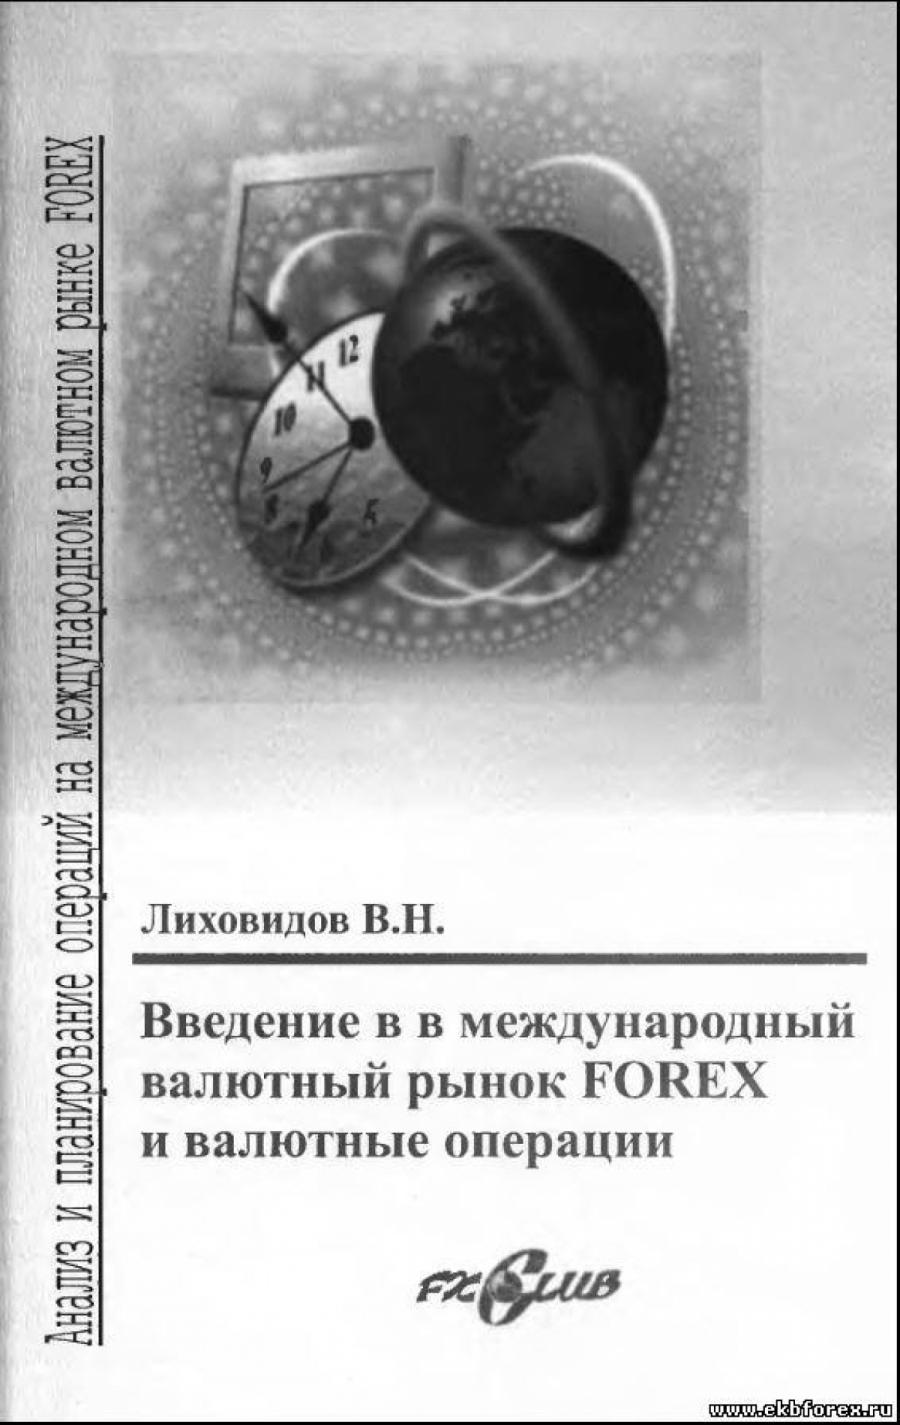 Обложка книги:  лиховидов в.н. - введение в международный валютный рынок forex и валютные операции